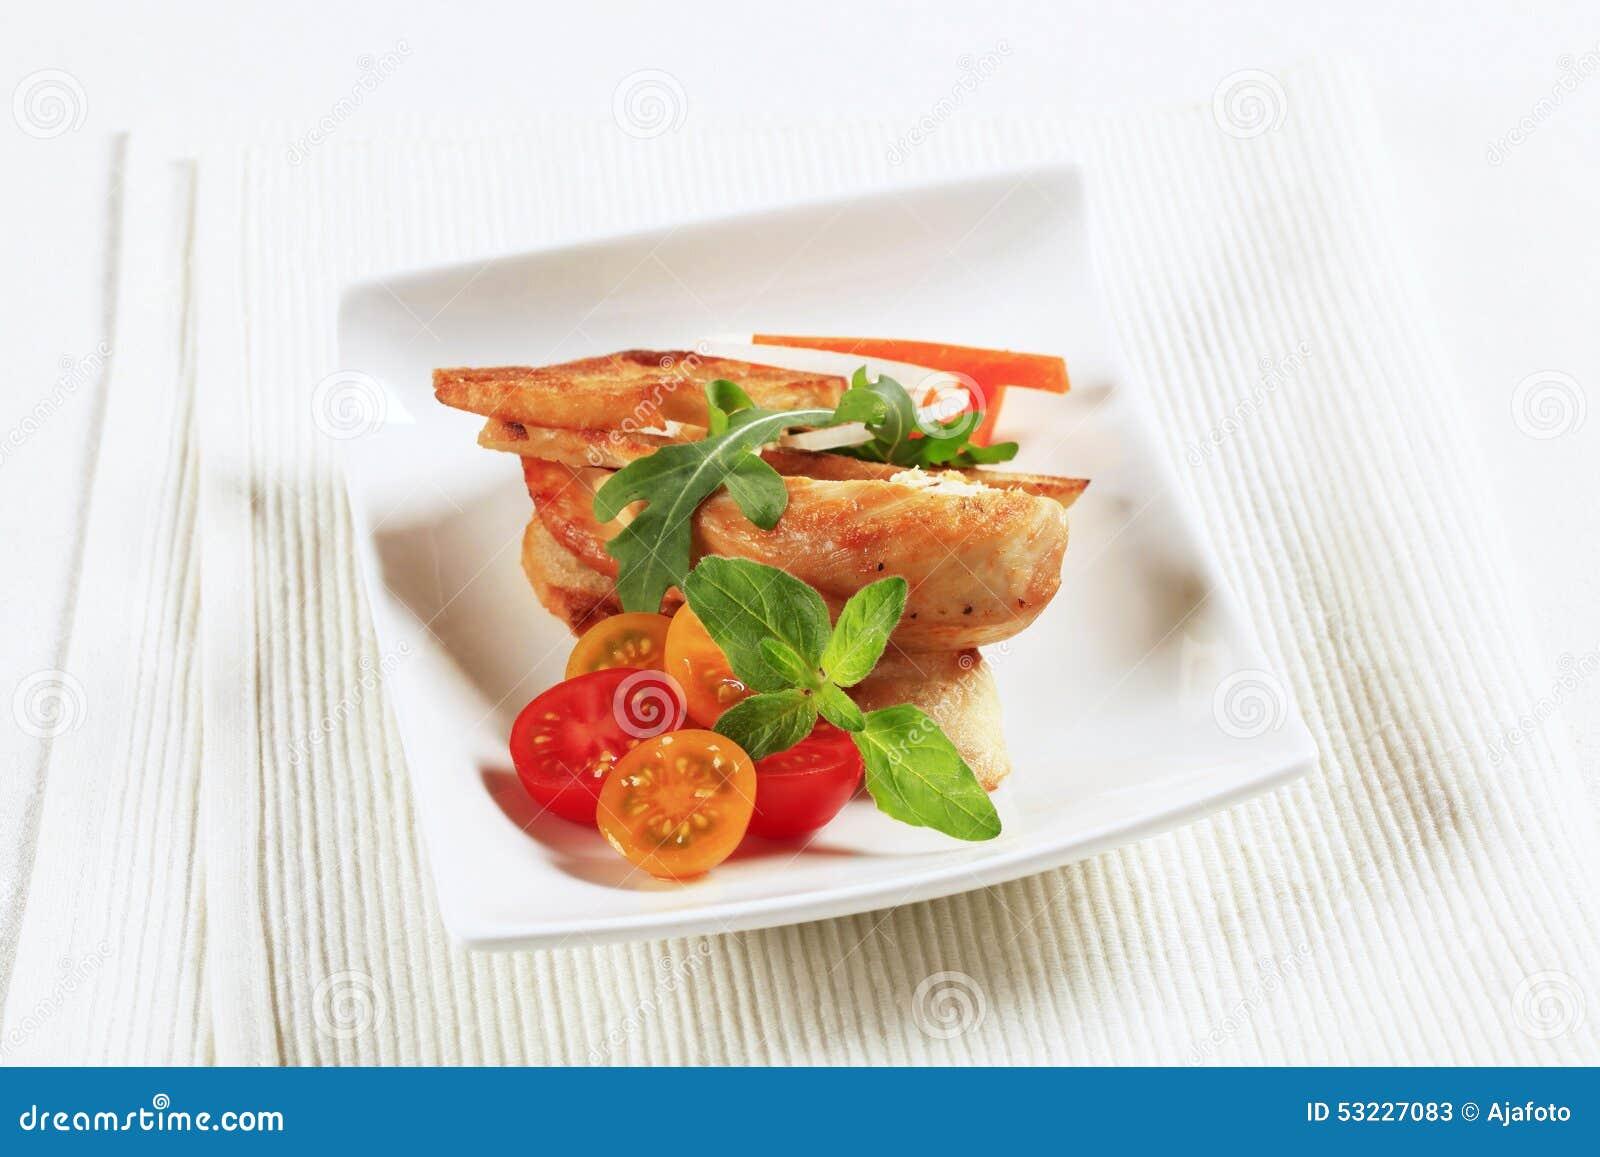 Carne del pollo y pan curruscante